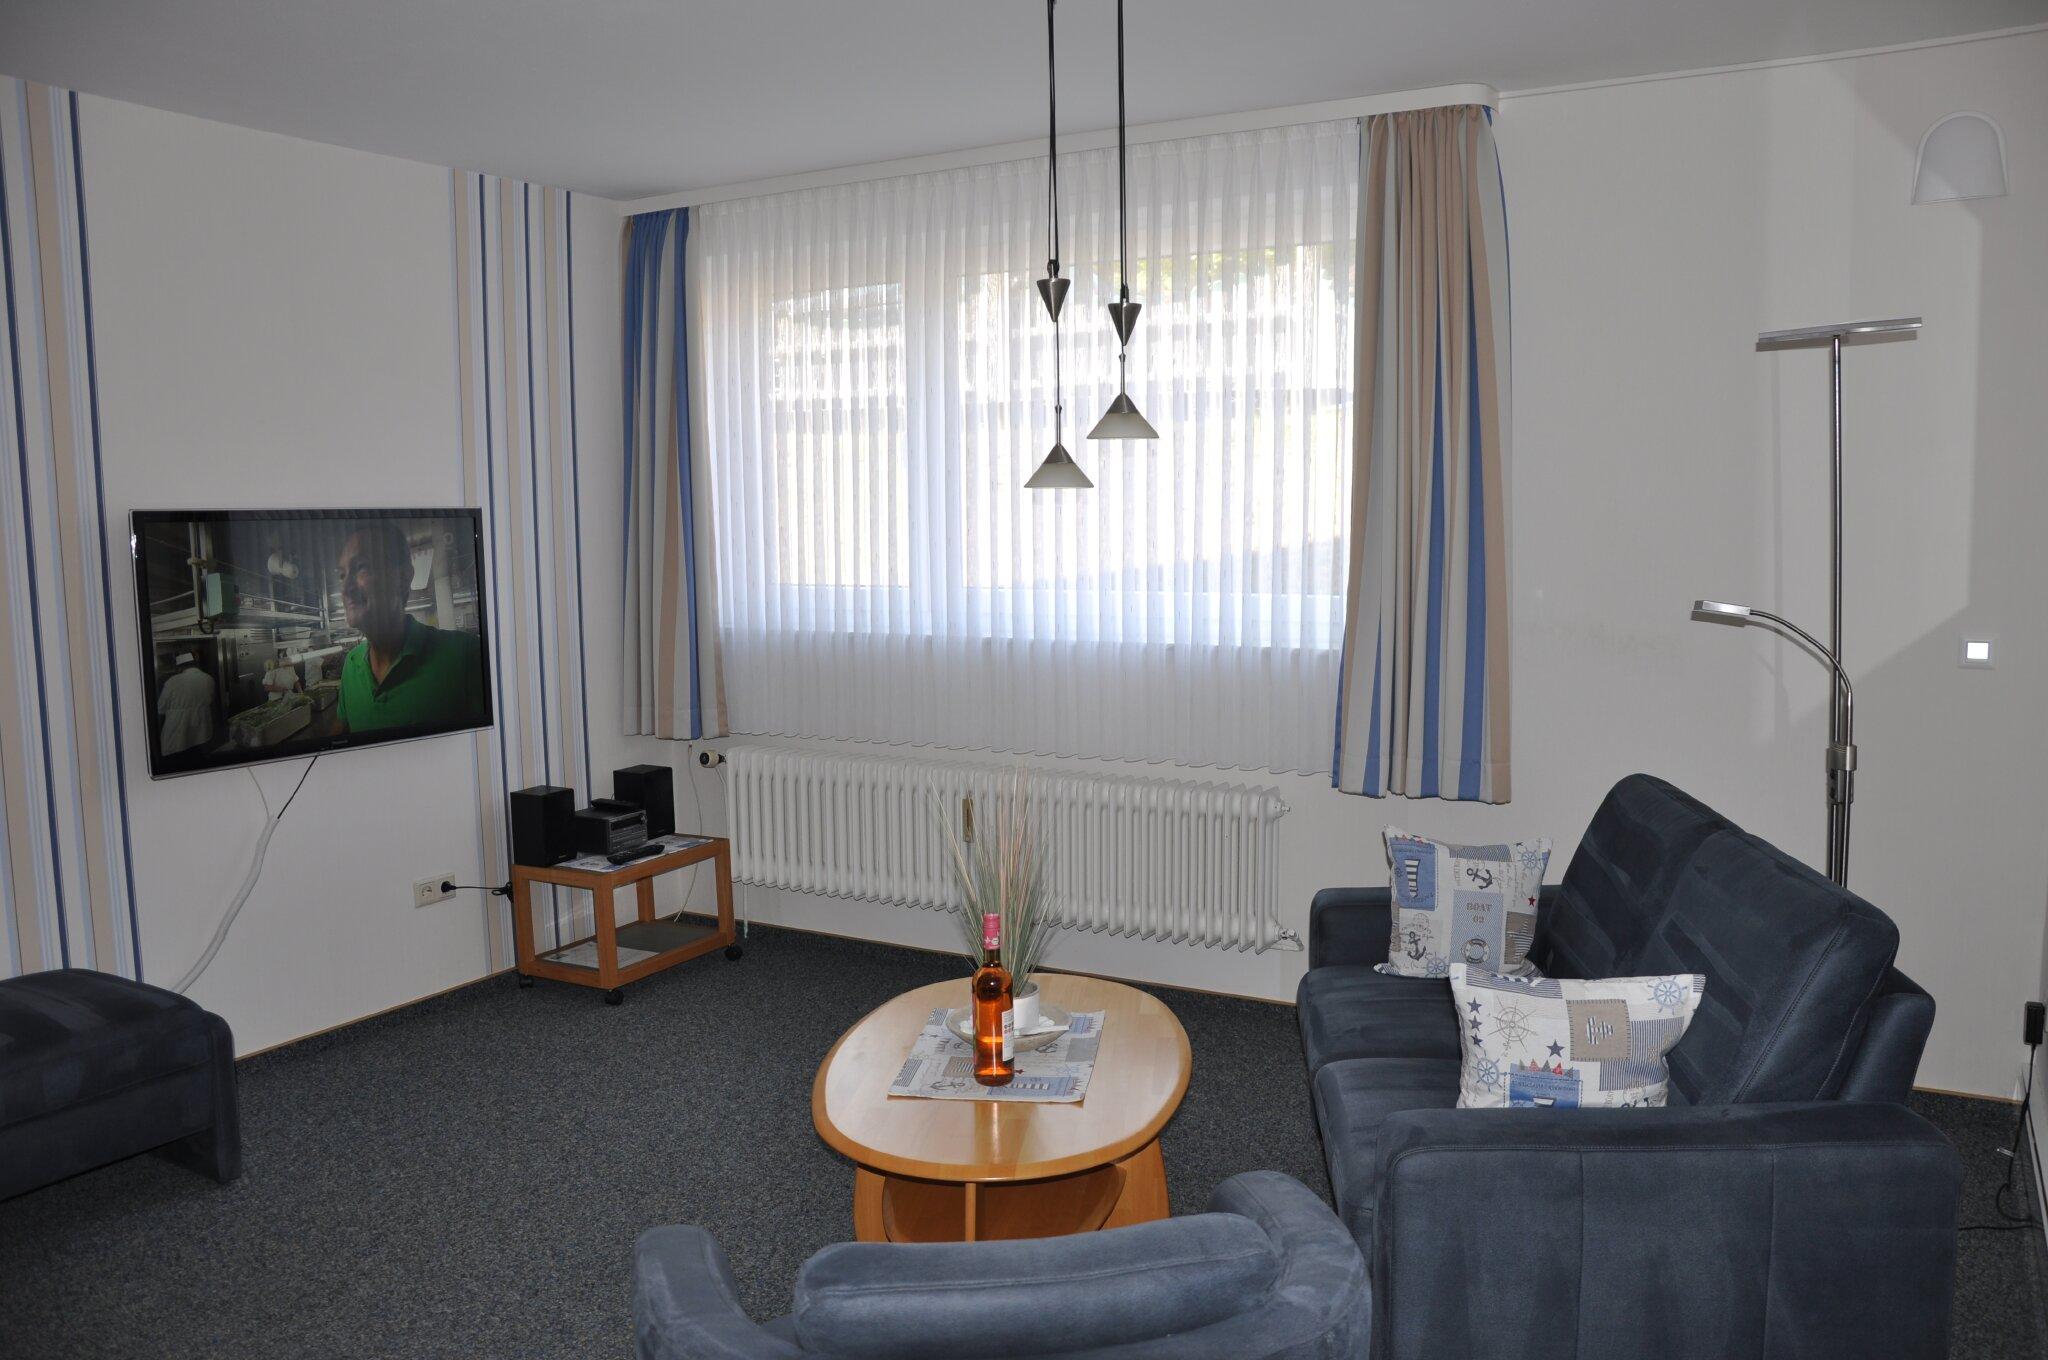 Haus Windhuk Ferienwohnung 2 in Norderney Niedersachsen